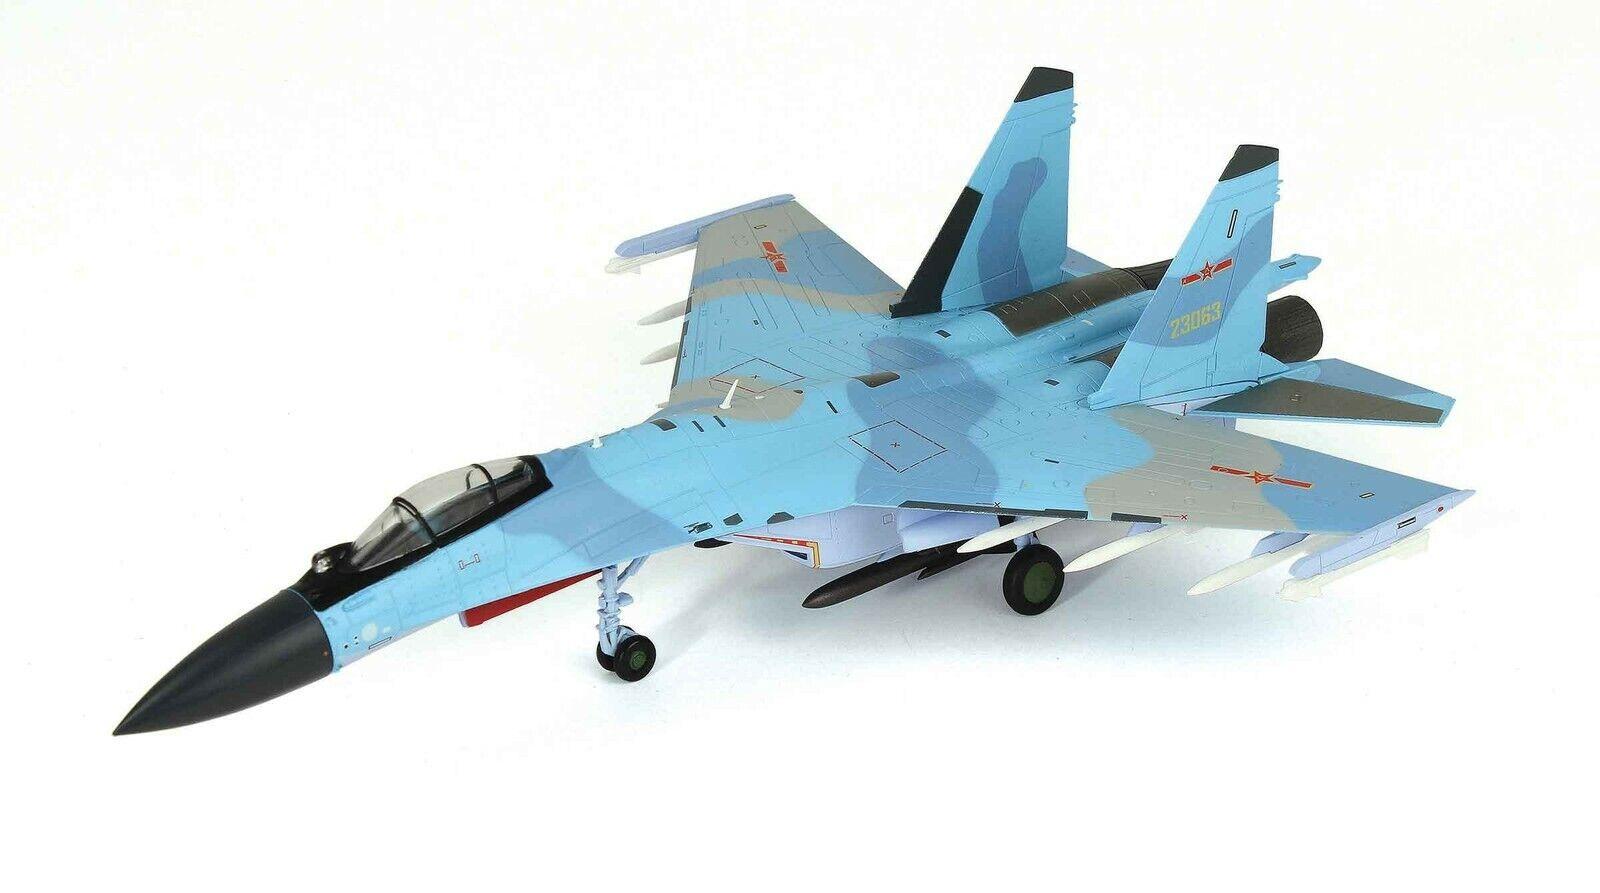 barato en alta calidad Air Force 1 1 72 dulzura PLAAF Sukhoi Su-35S súper súper súper equipo Fighter  AF10158  envio rapido a ti